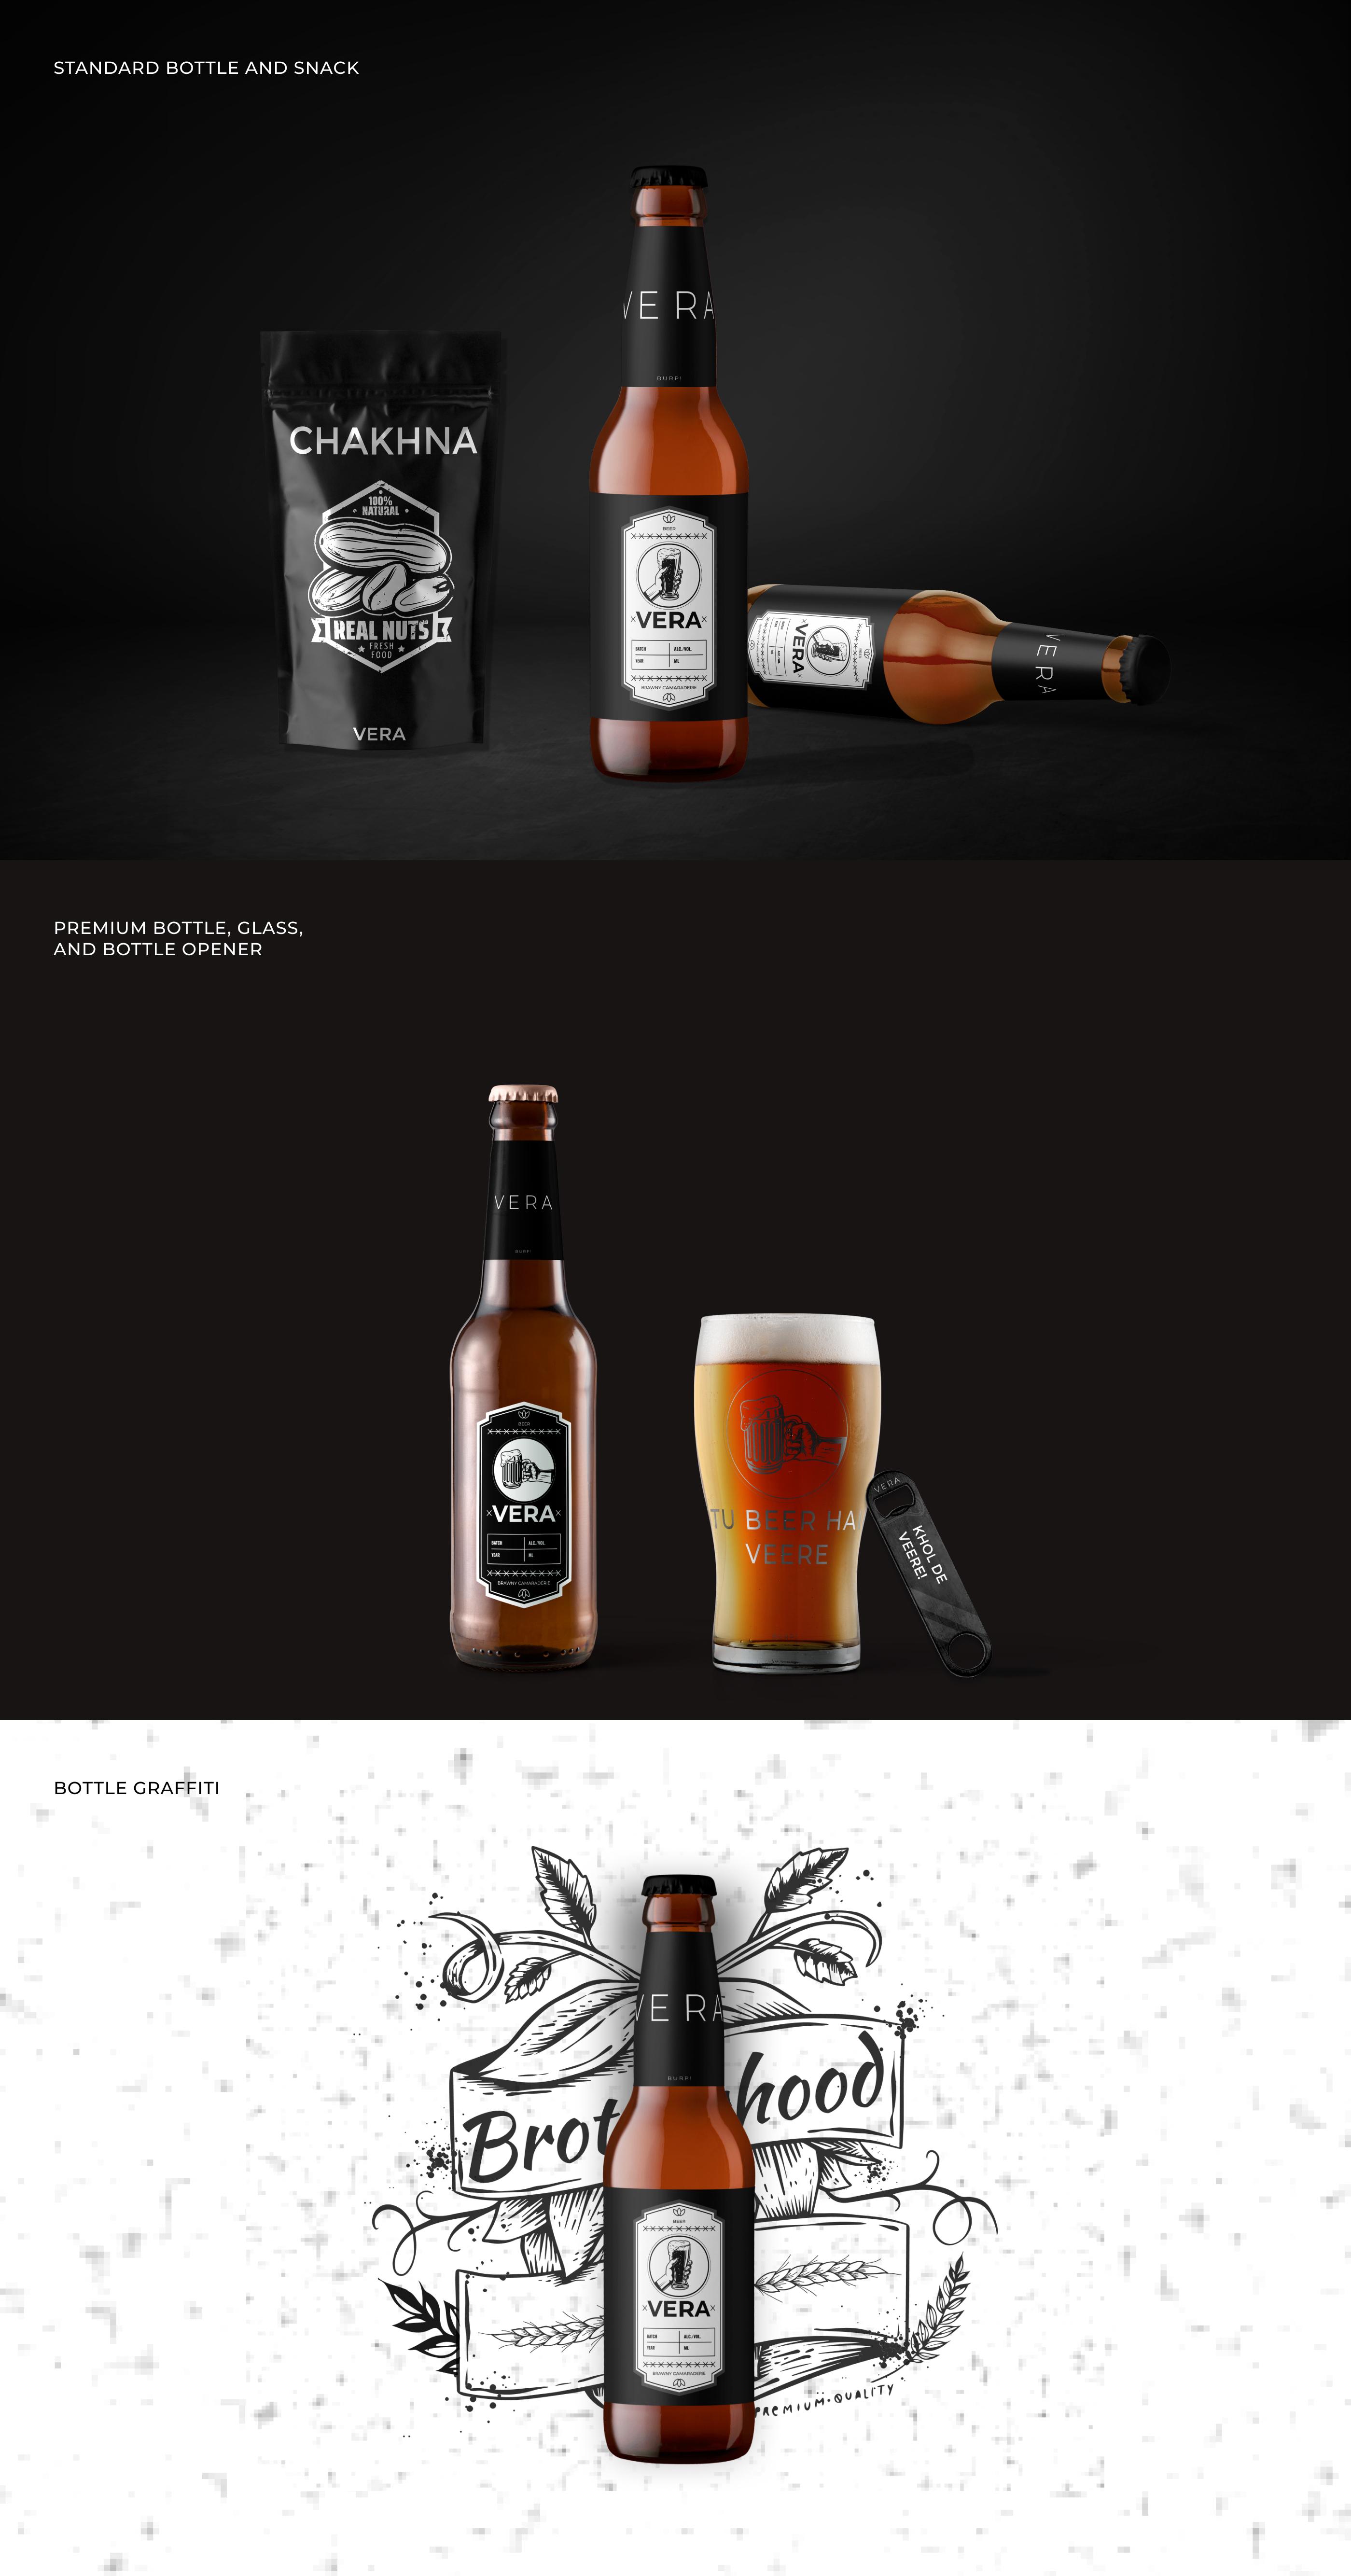 VERA product design